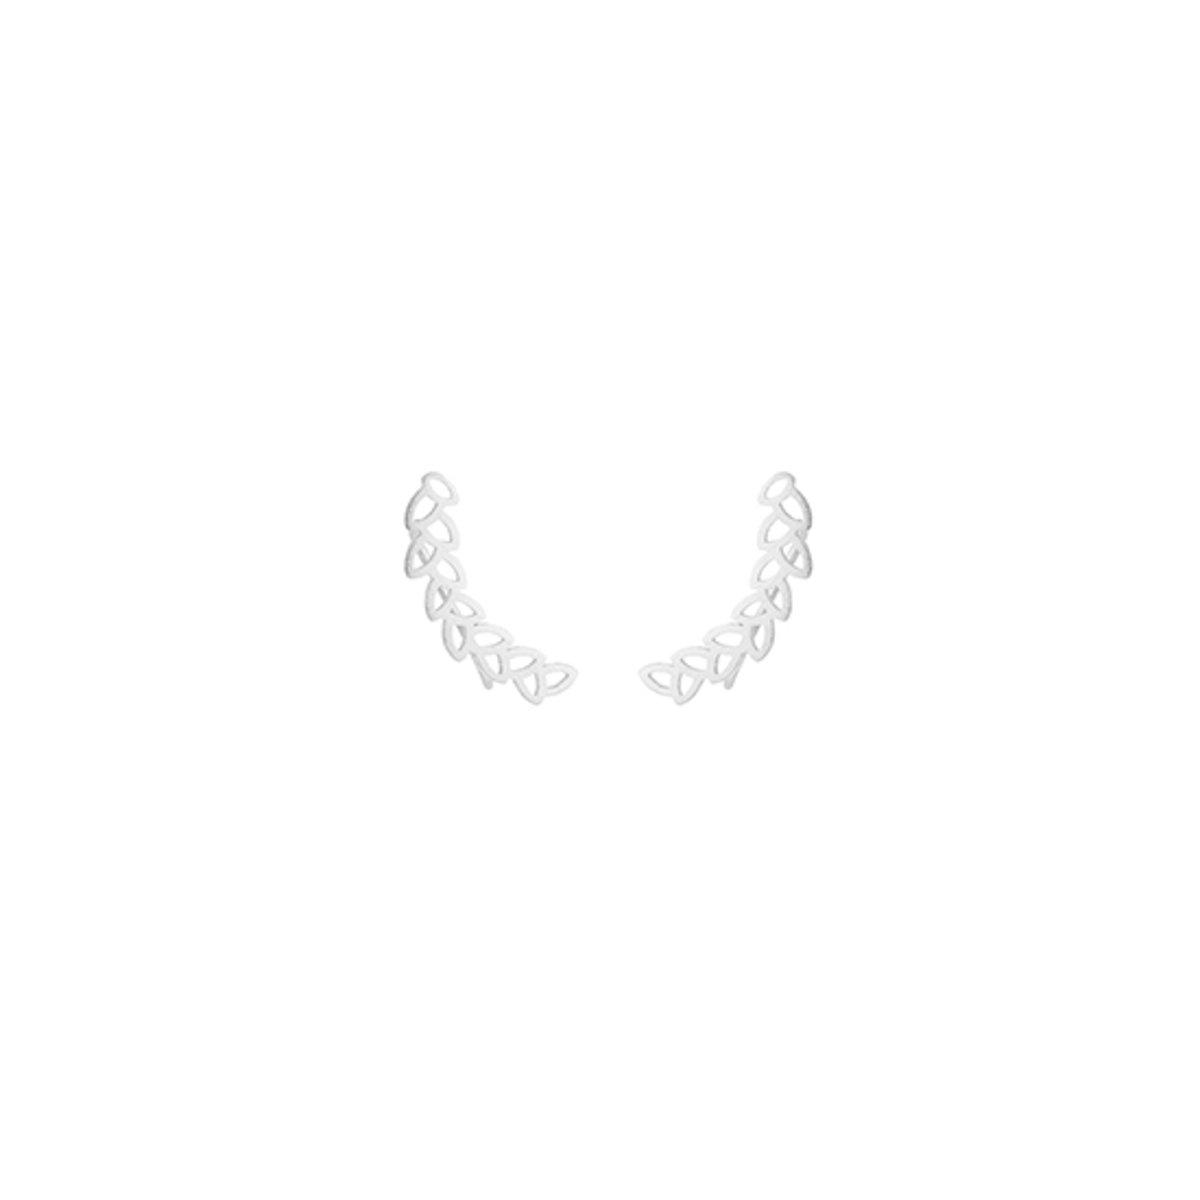 24/7 Jewelry Collection Blad Manchet Oorbellen - Oorklimmer - Zilverkleurig kopen